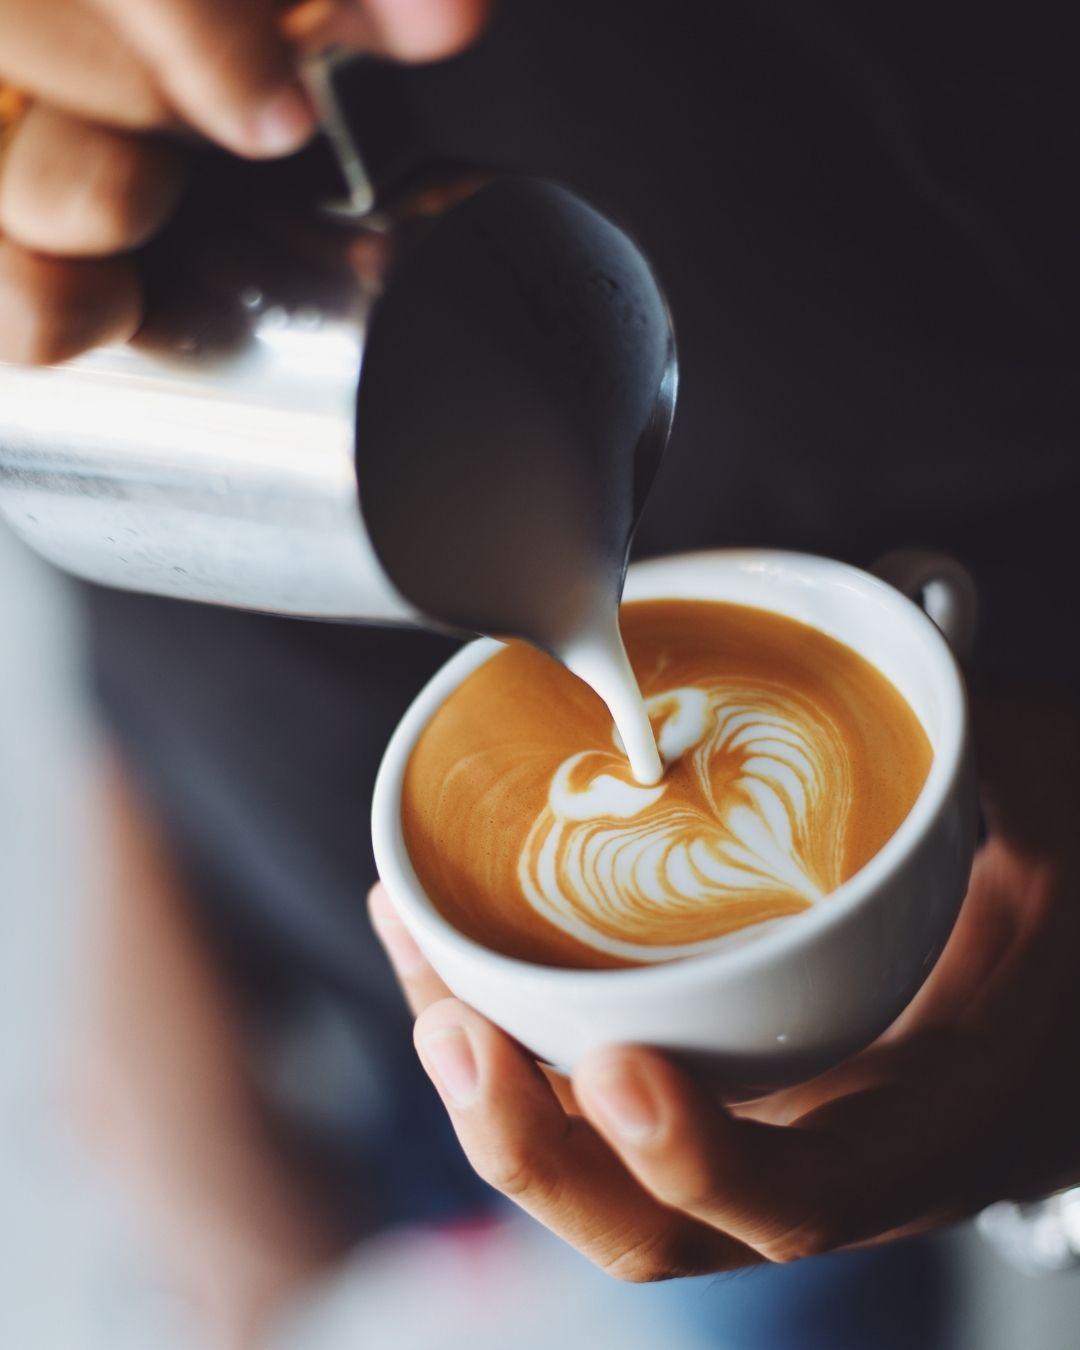 Barista making latte art